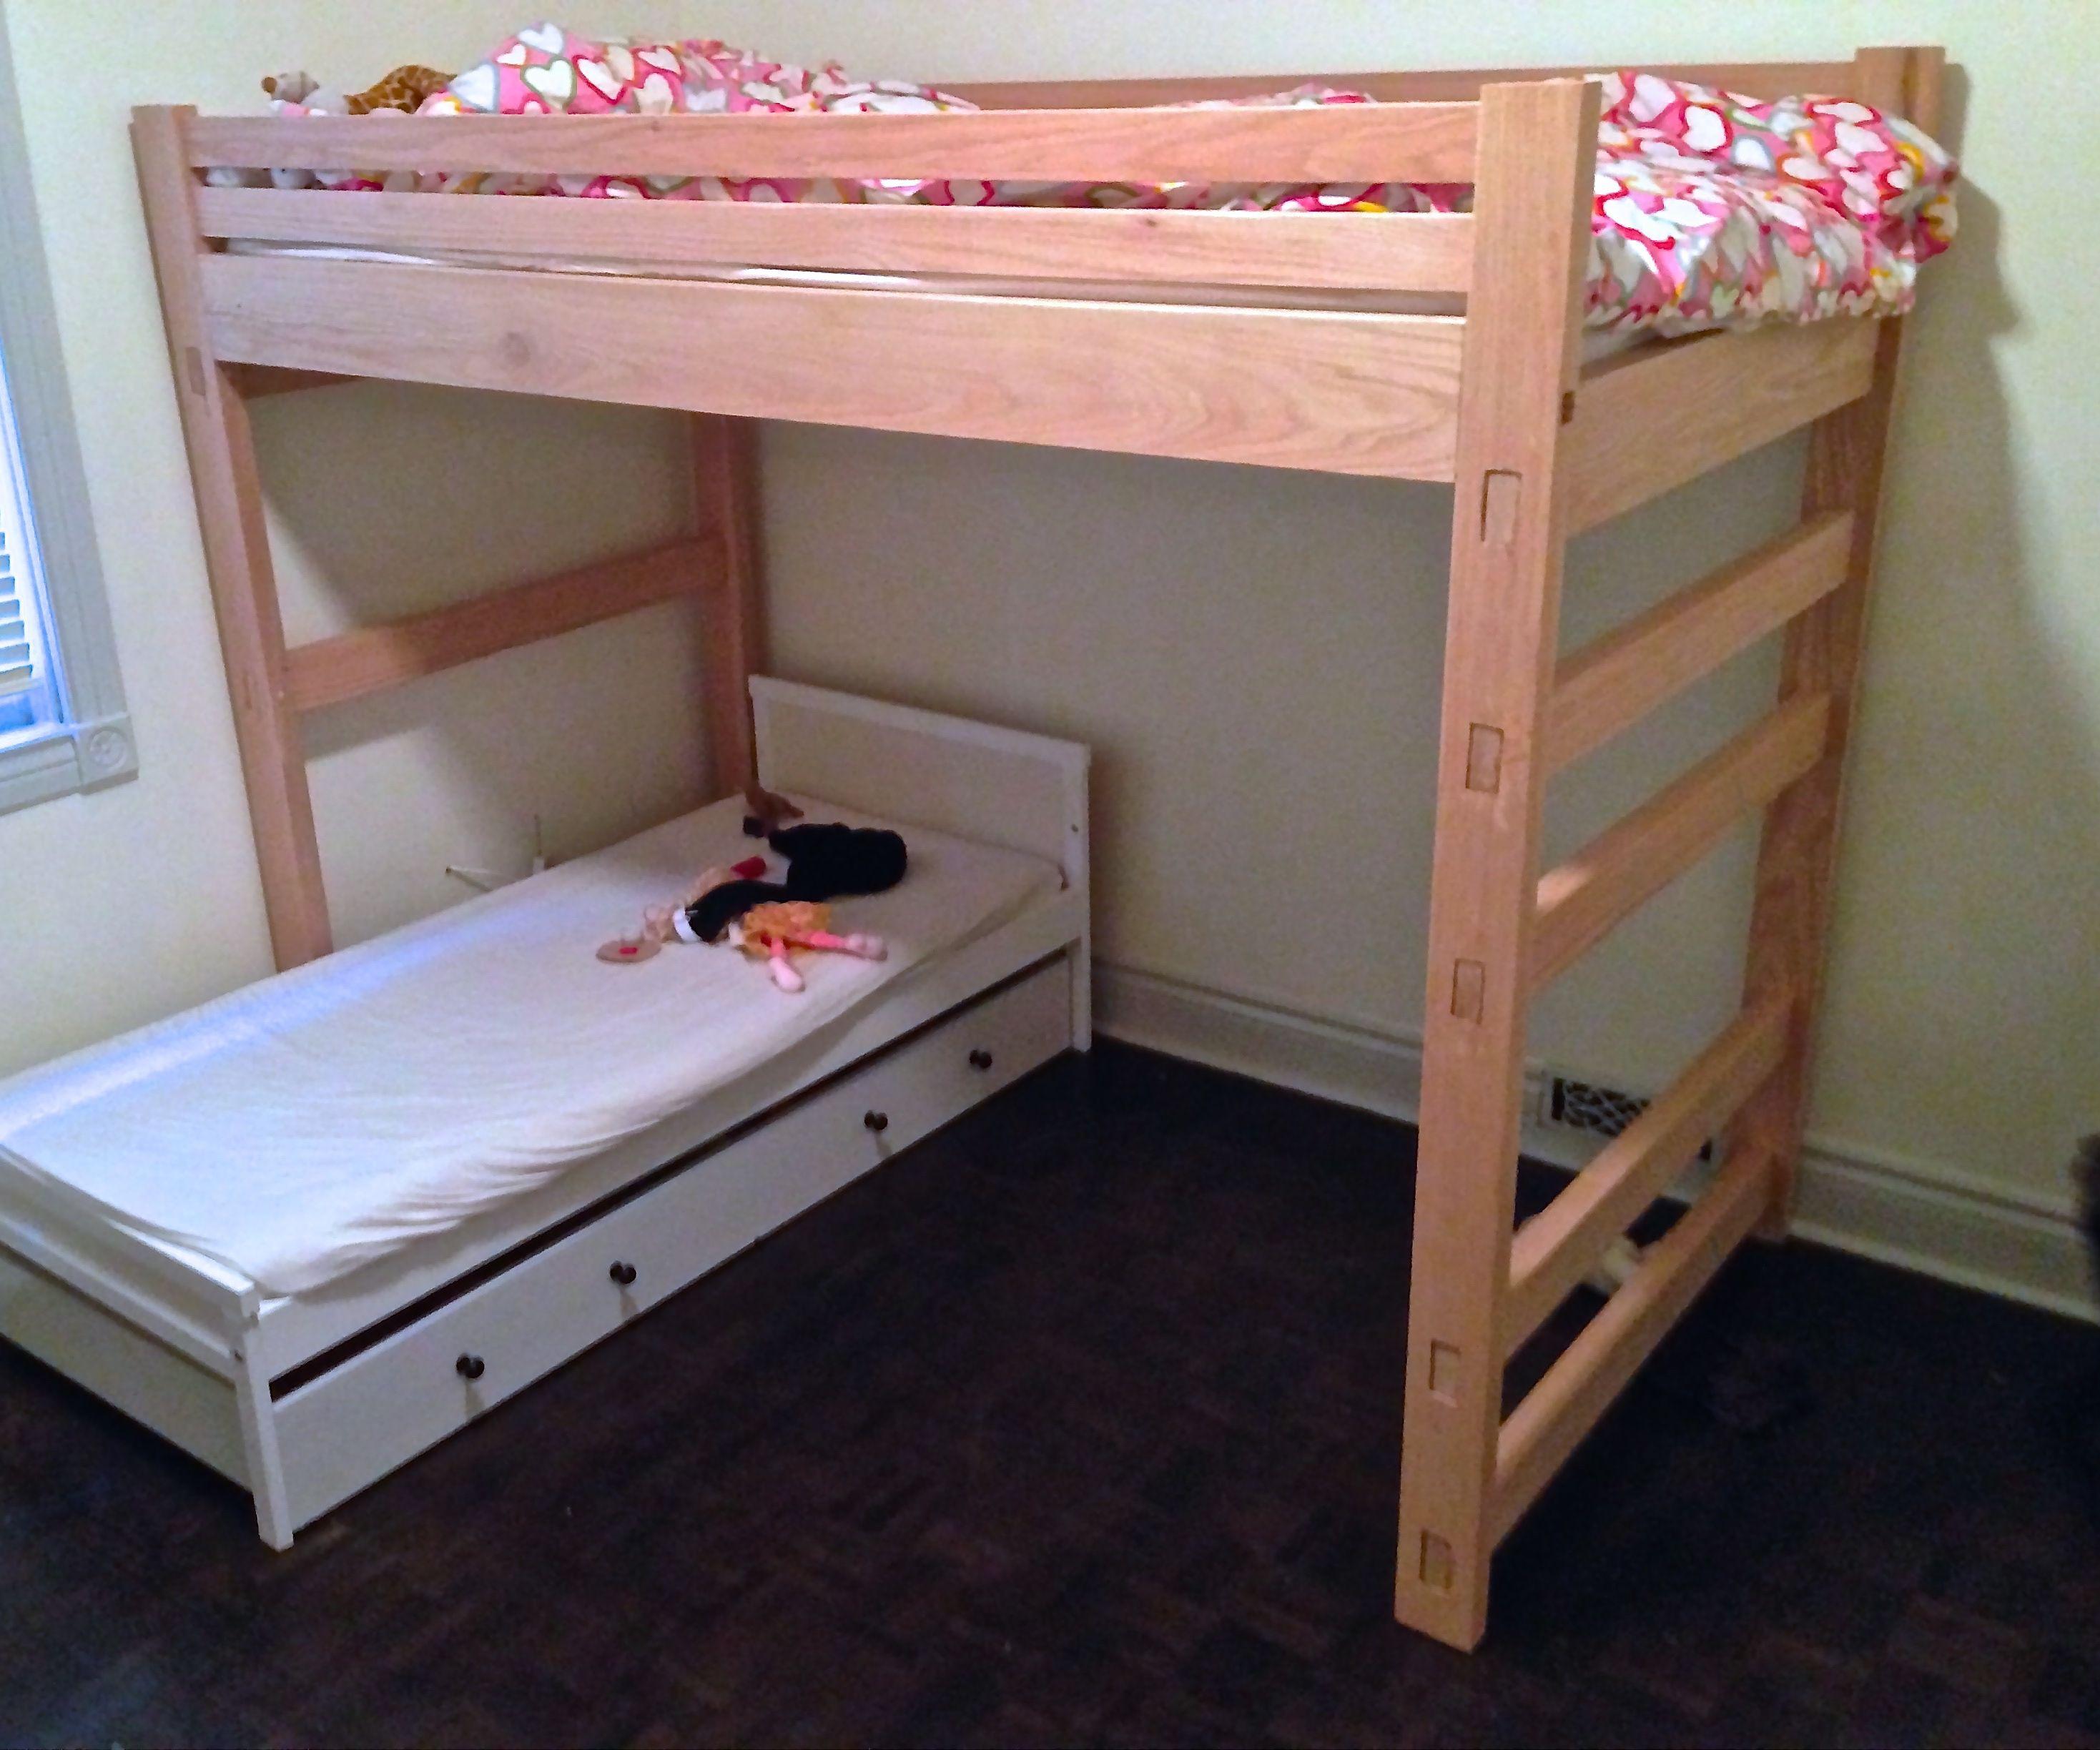 d2k loft bed